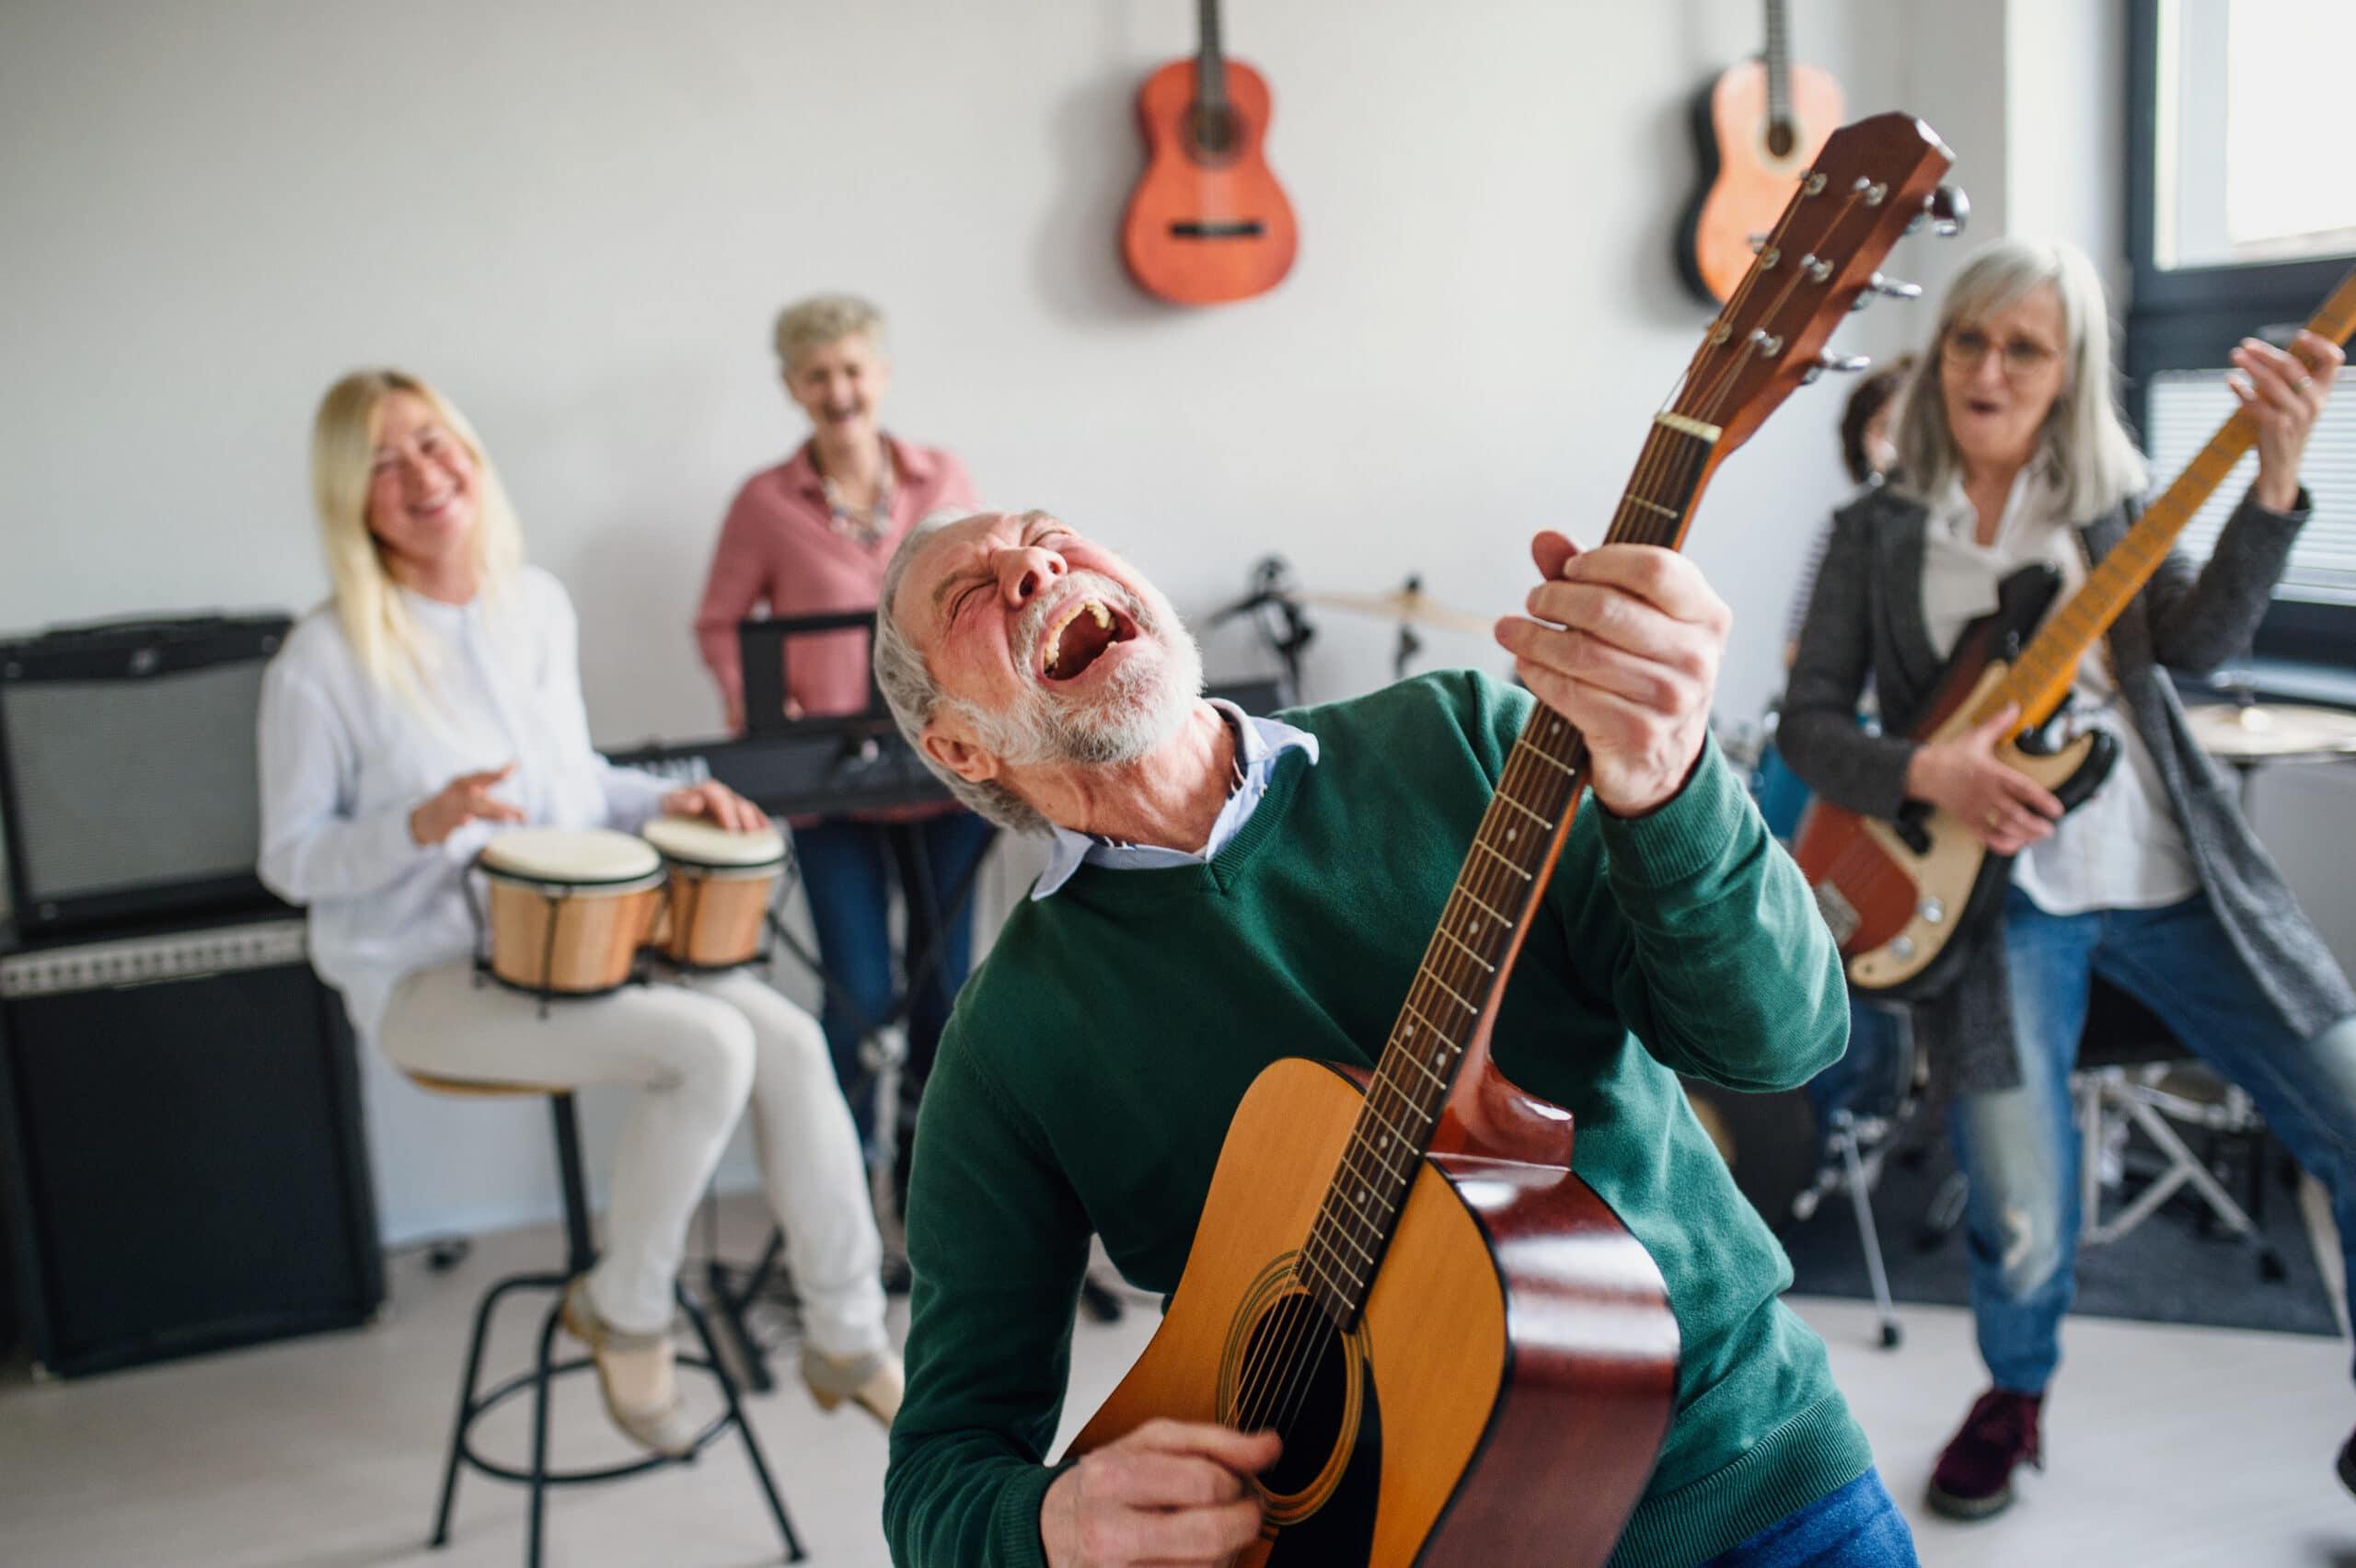 Suomen Yritteliäin päivä. Mies soittaa kitaraa bändissä.